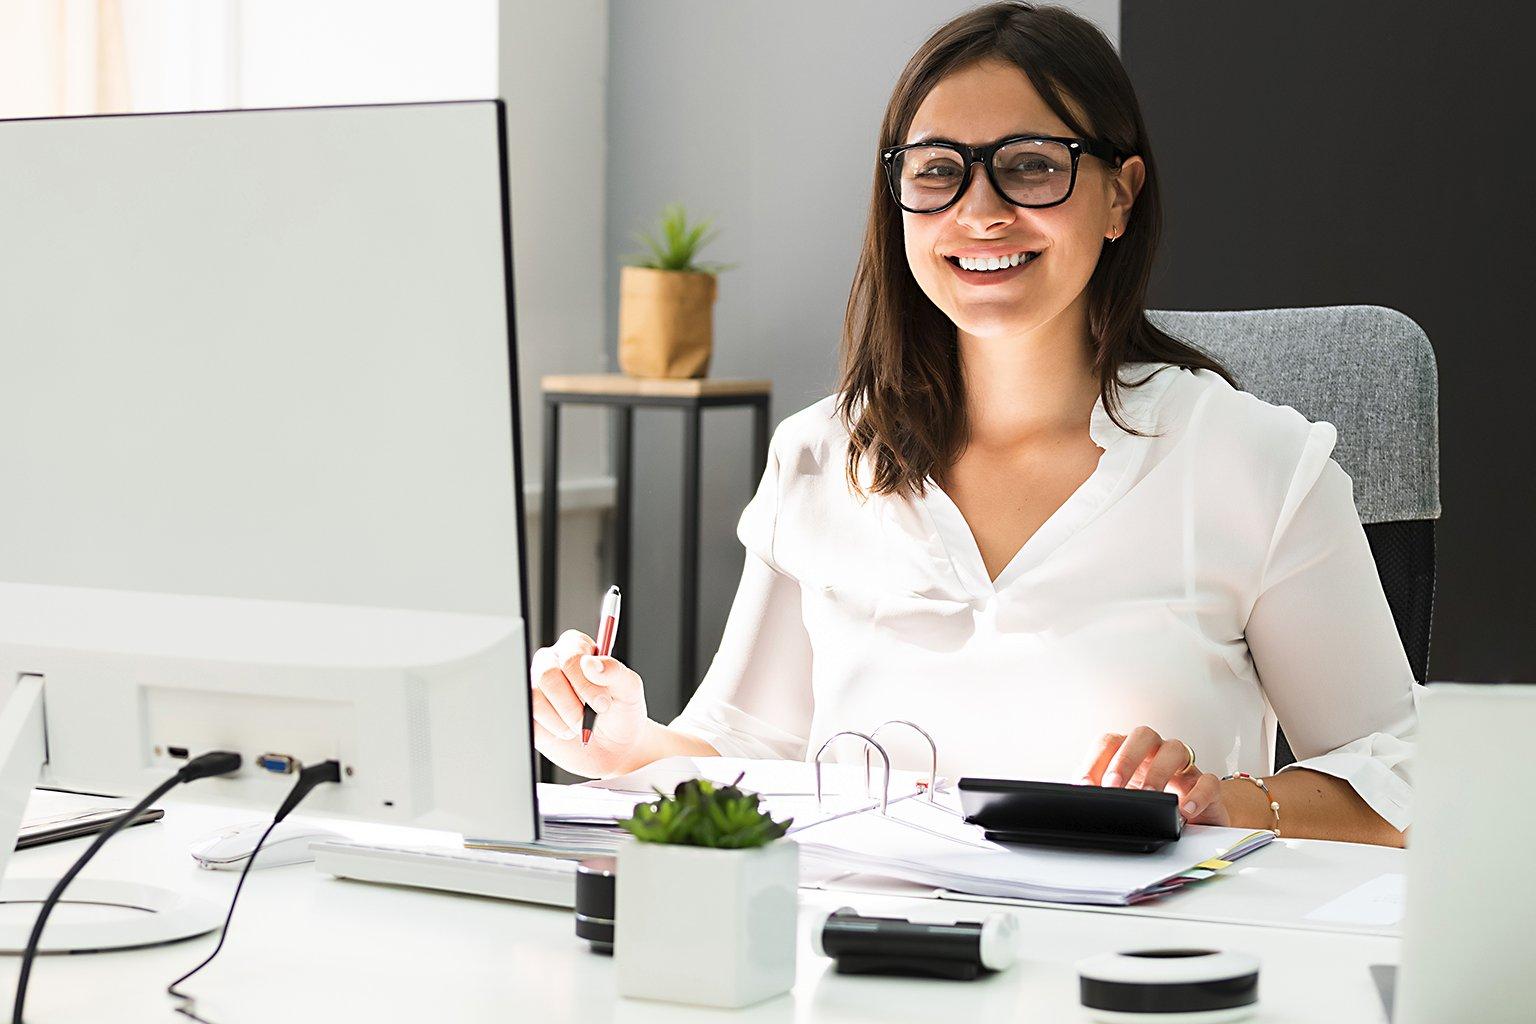 Kvinna vid dator läser Skatteinformation